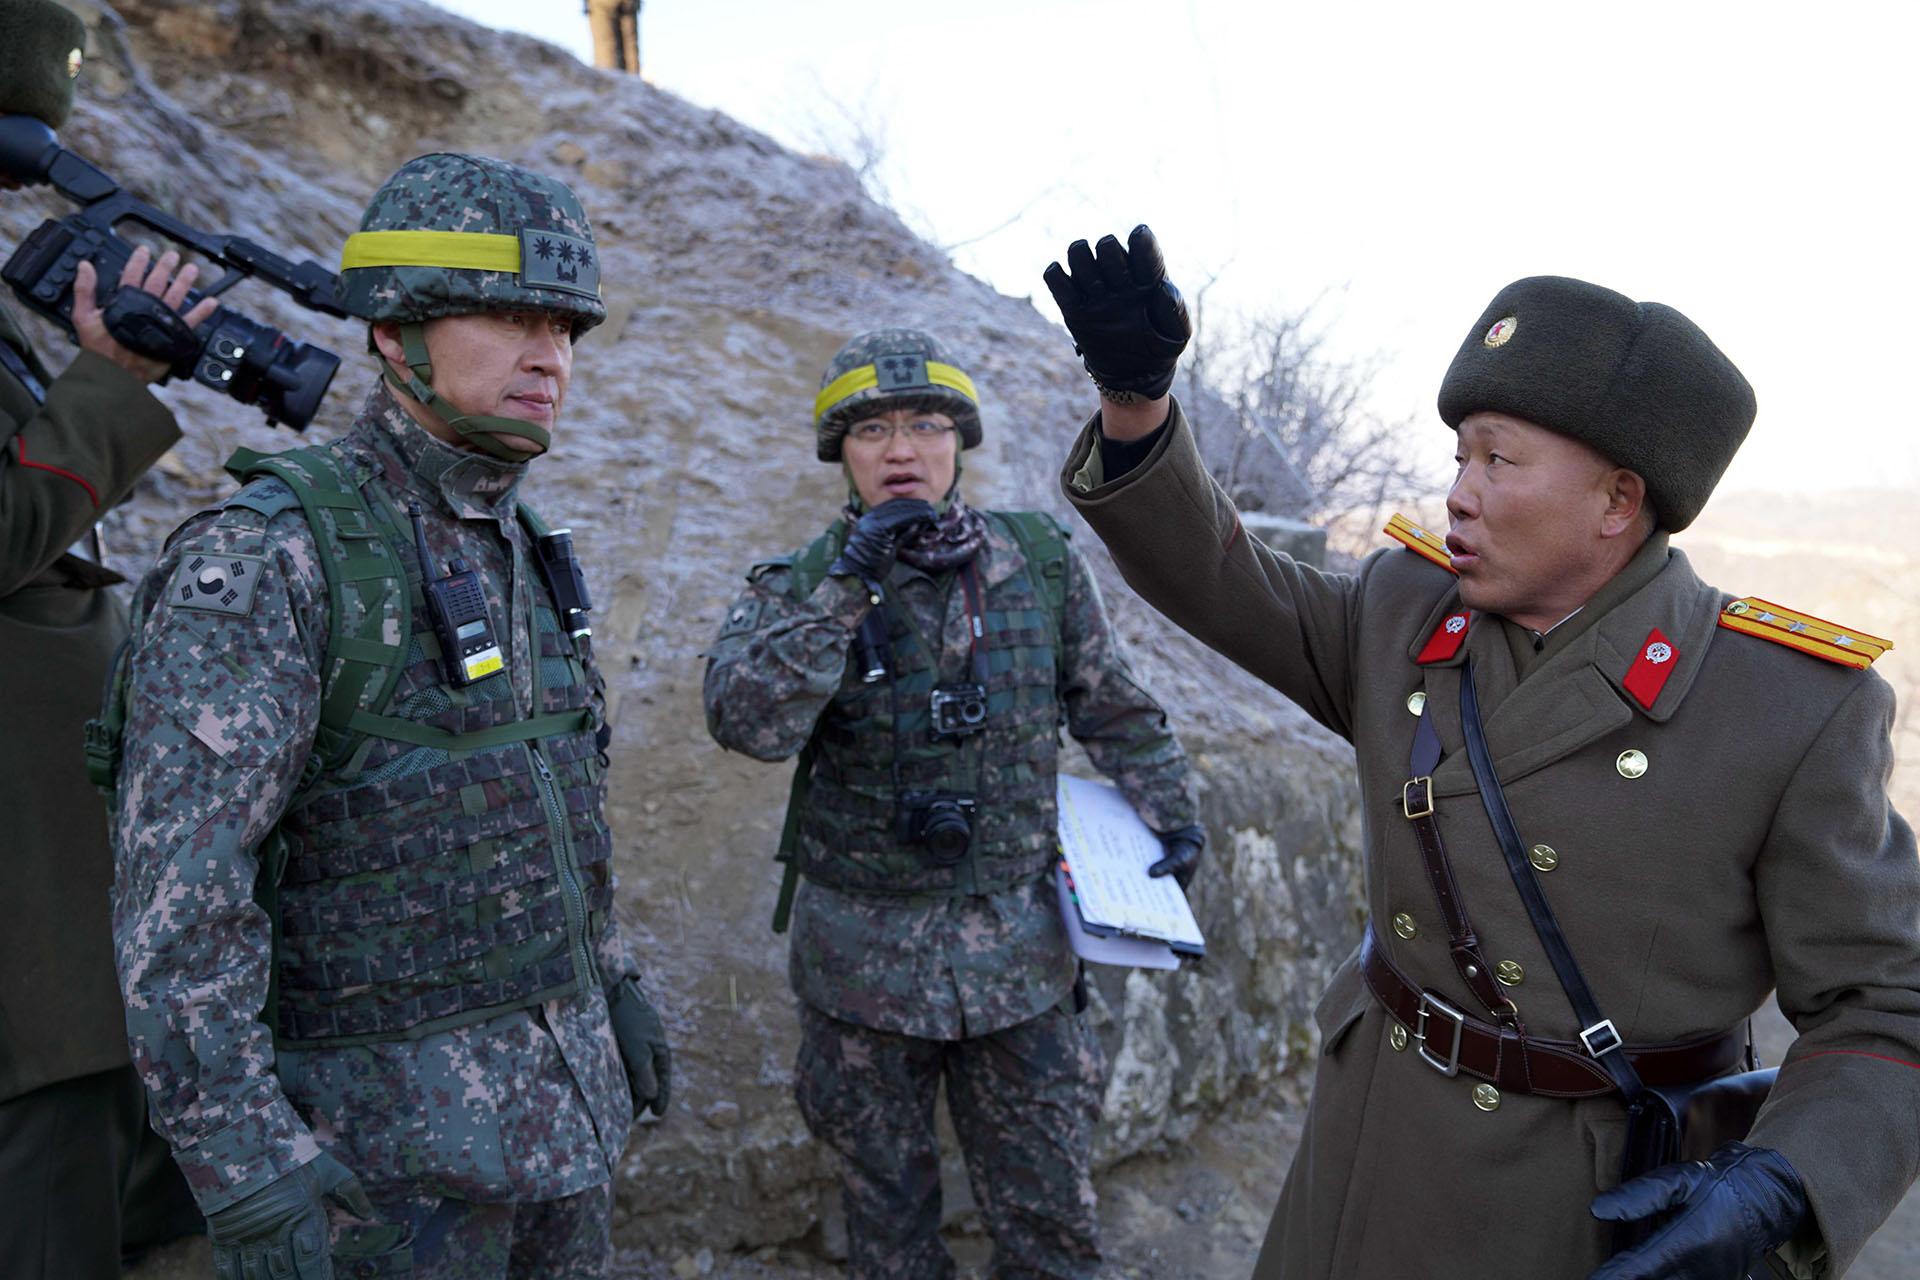 Soldado norcoreano (R) hablando con soldados surcoreanos durante una inspección del puesto fronterizo norcoreano desmantelado dentro de la zona desmilitarizada (DMZ) que divide a las dos Coreas en Cheorwon. (AFP)